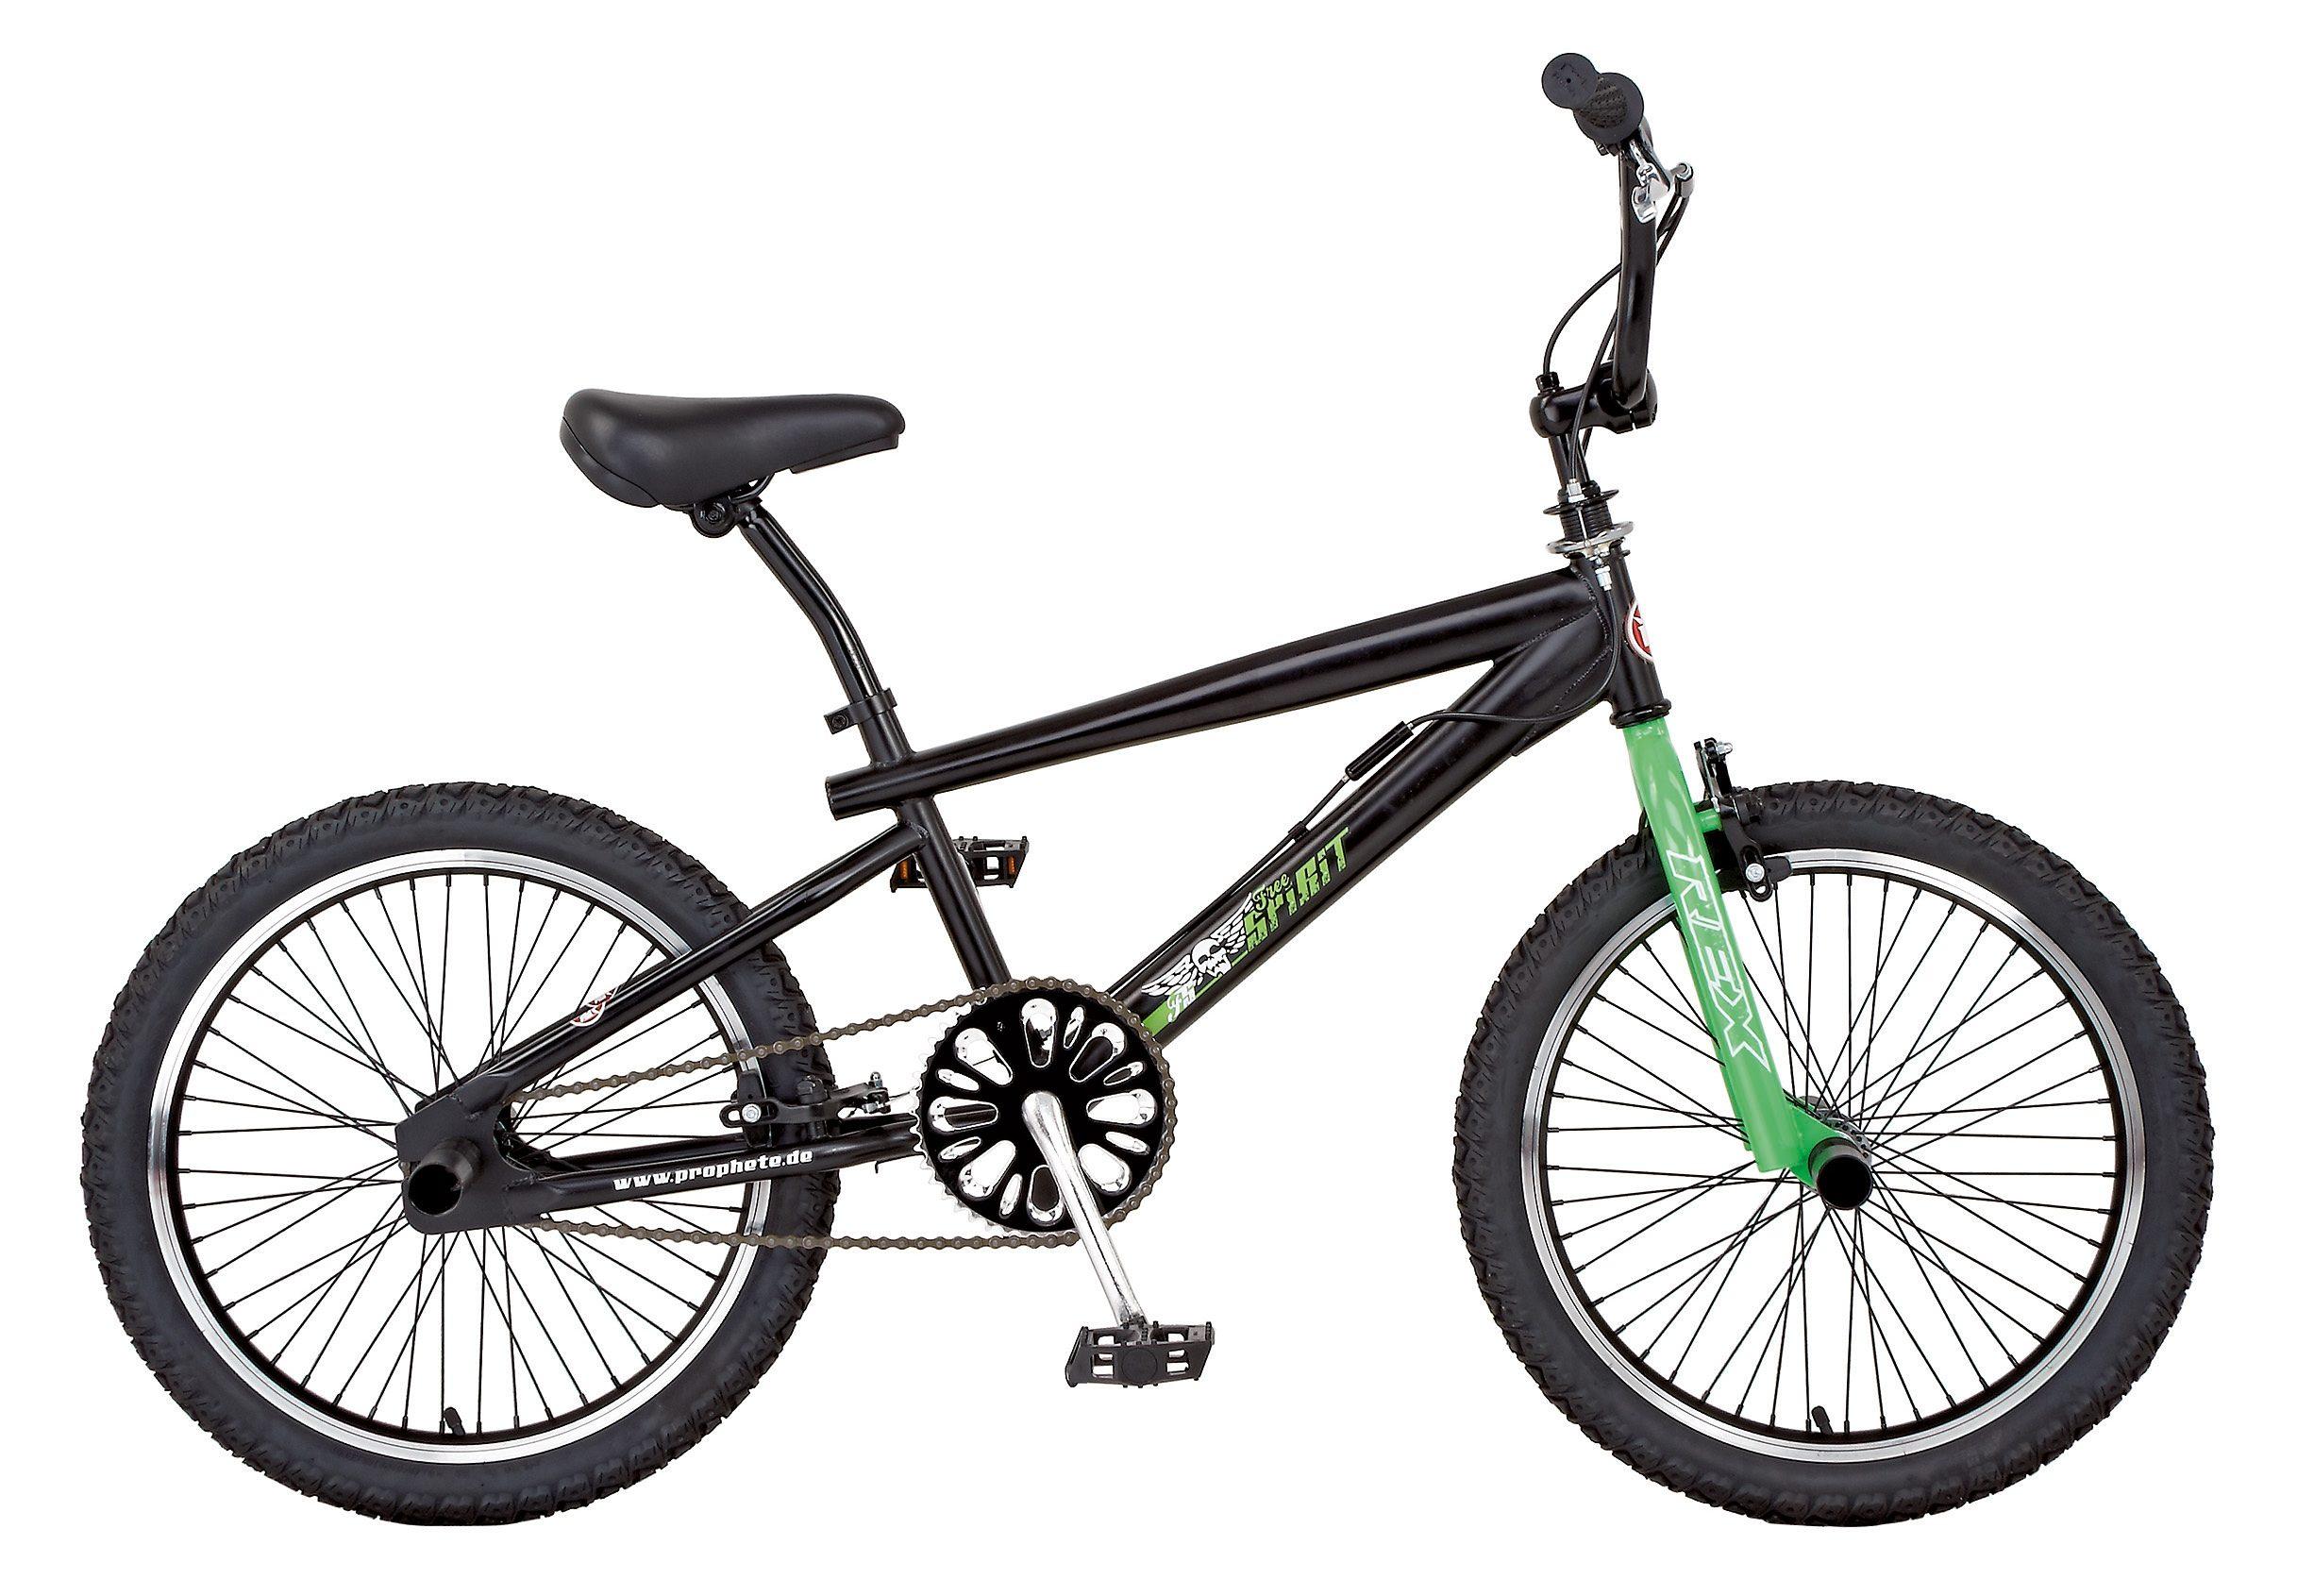 BMX Fahrrad, 20 Zoll, schwarz, Gabel neongrün, REX